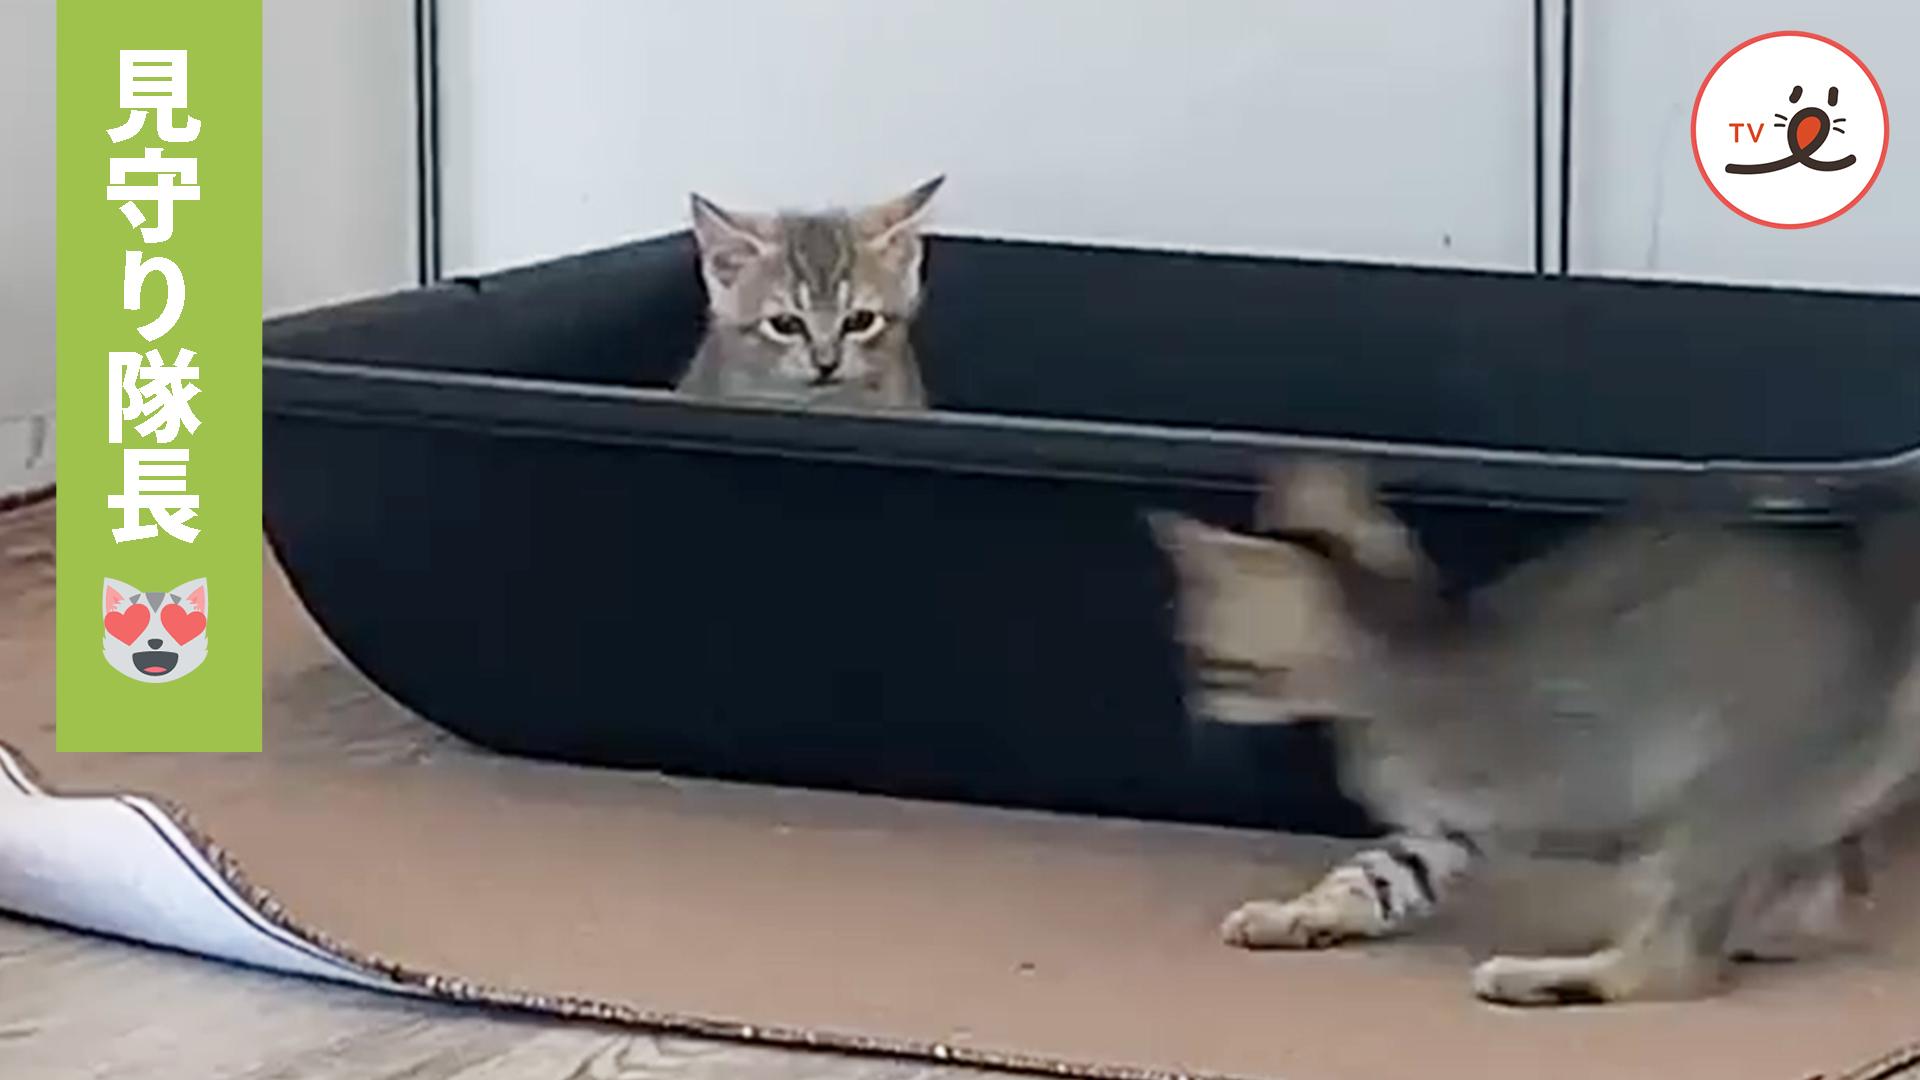 遊び盛りの子猫ちゃんたちを見守っているのは…💕😻